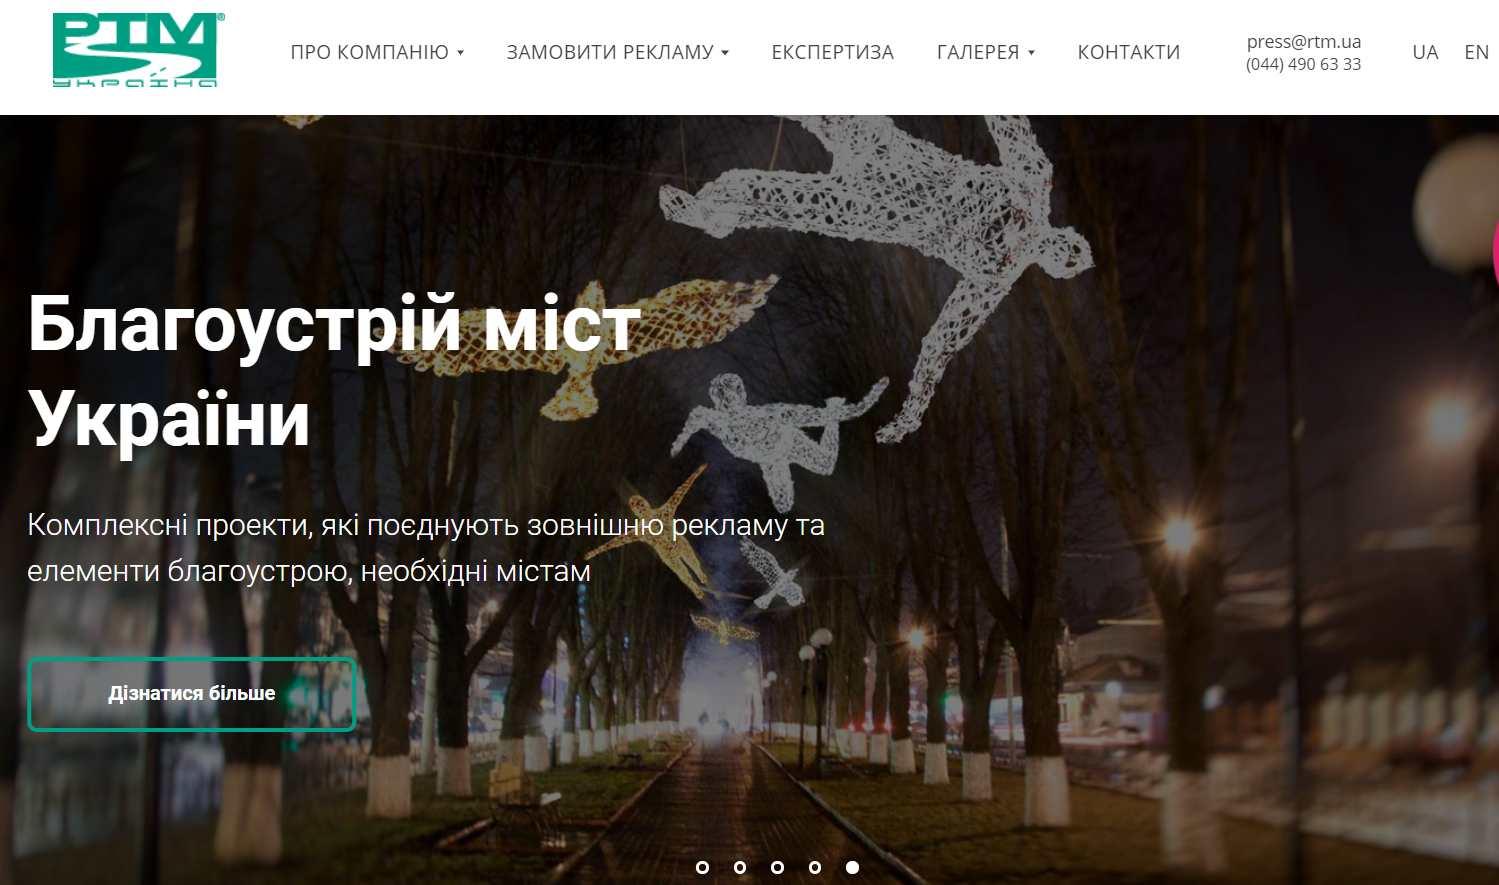 Национальный оператор РТМ-Украина